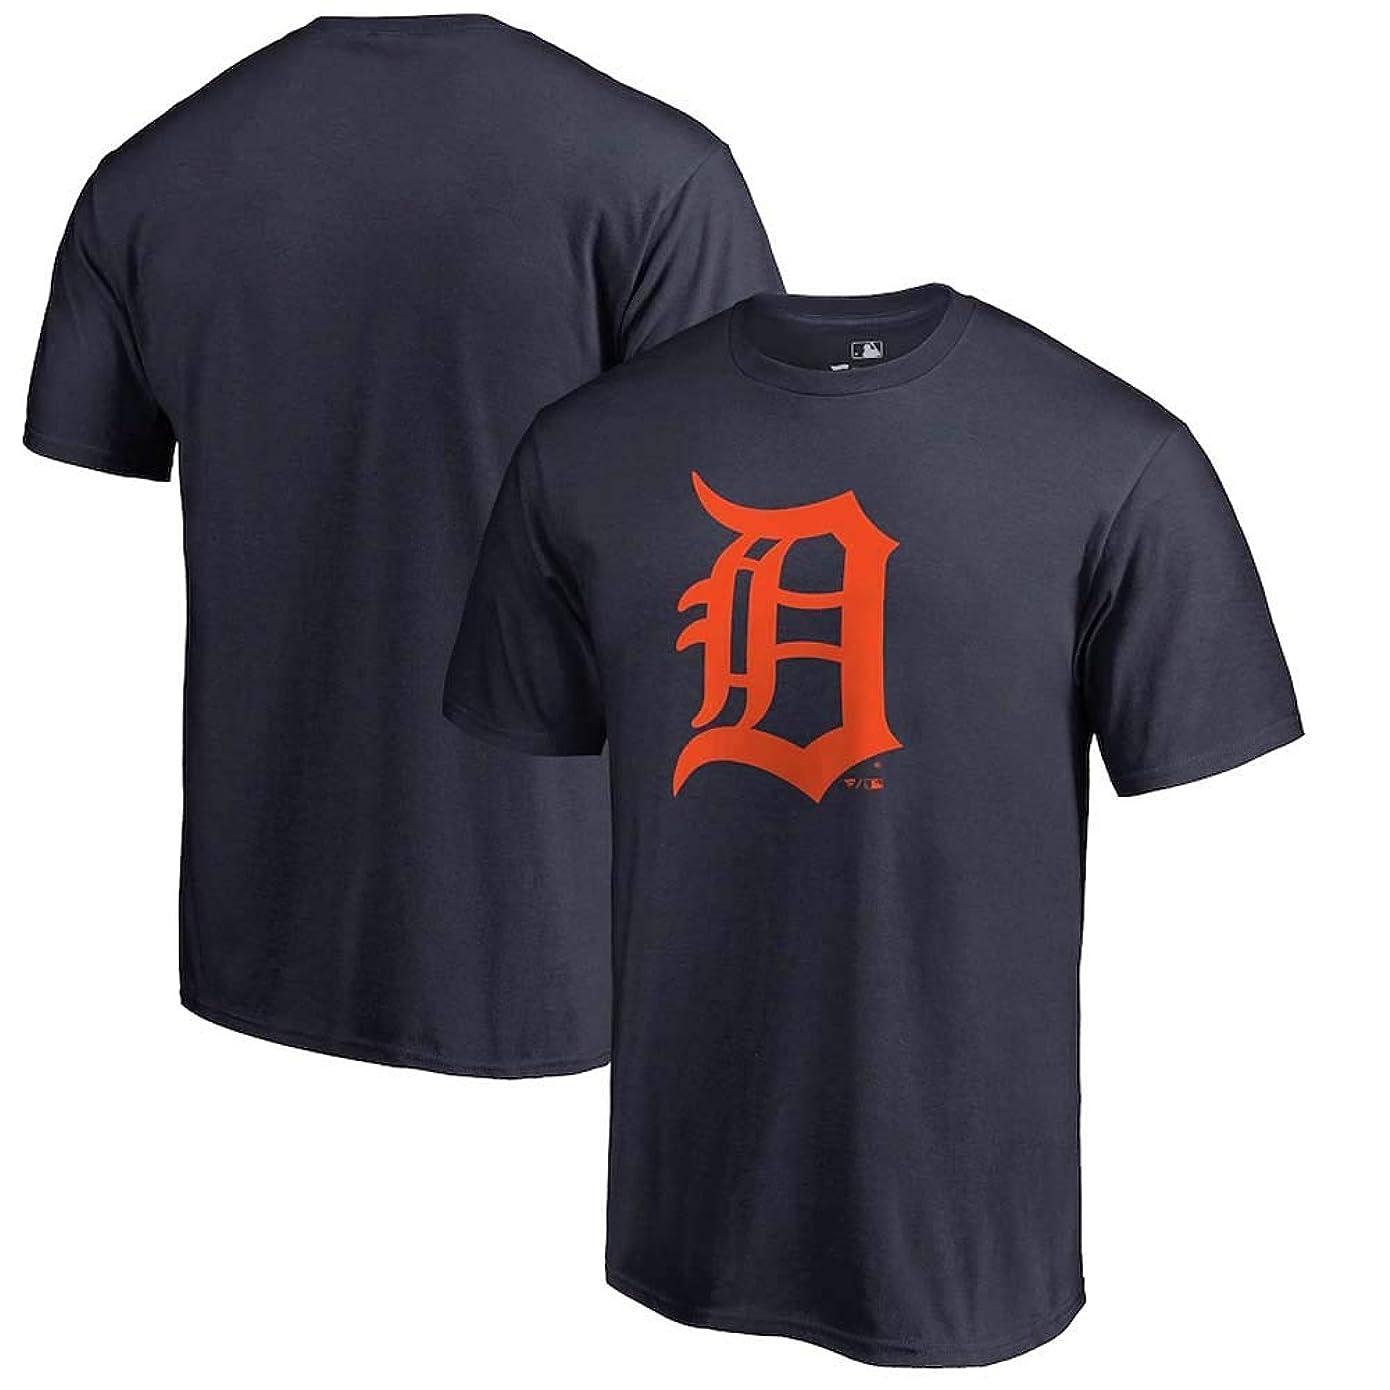 熱パンツ人工的なXCJ 野球 ベースボール Tシャツ, TigersピュアコットンショートスリーブTシャツ,トレーニングウェア 半袖Tシャツ 吸汗速乾ドライ, スポーツウェアトップス